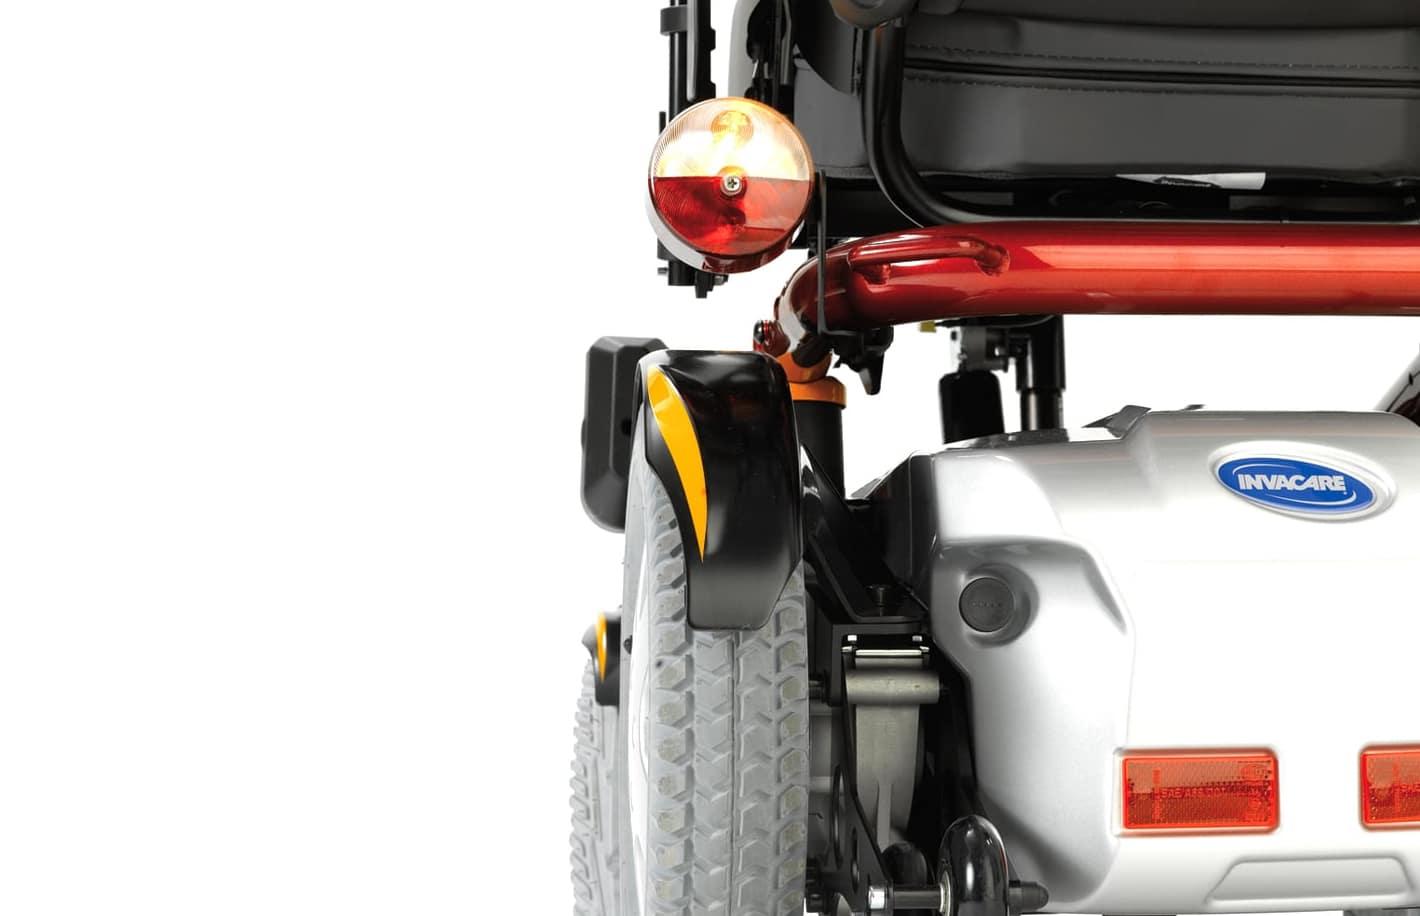 Cadeira de rodas elétrica, com vista aumentada de traseira